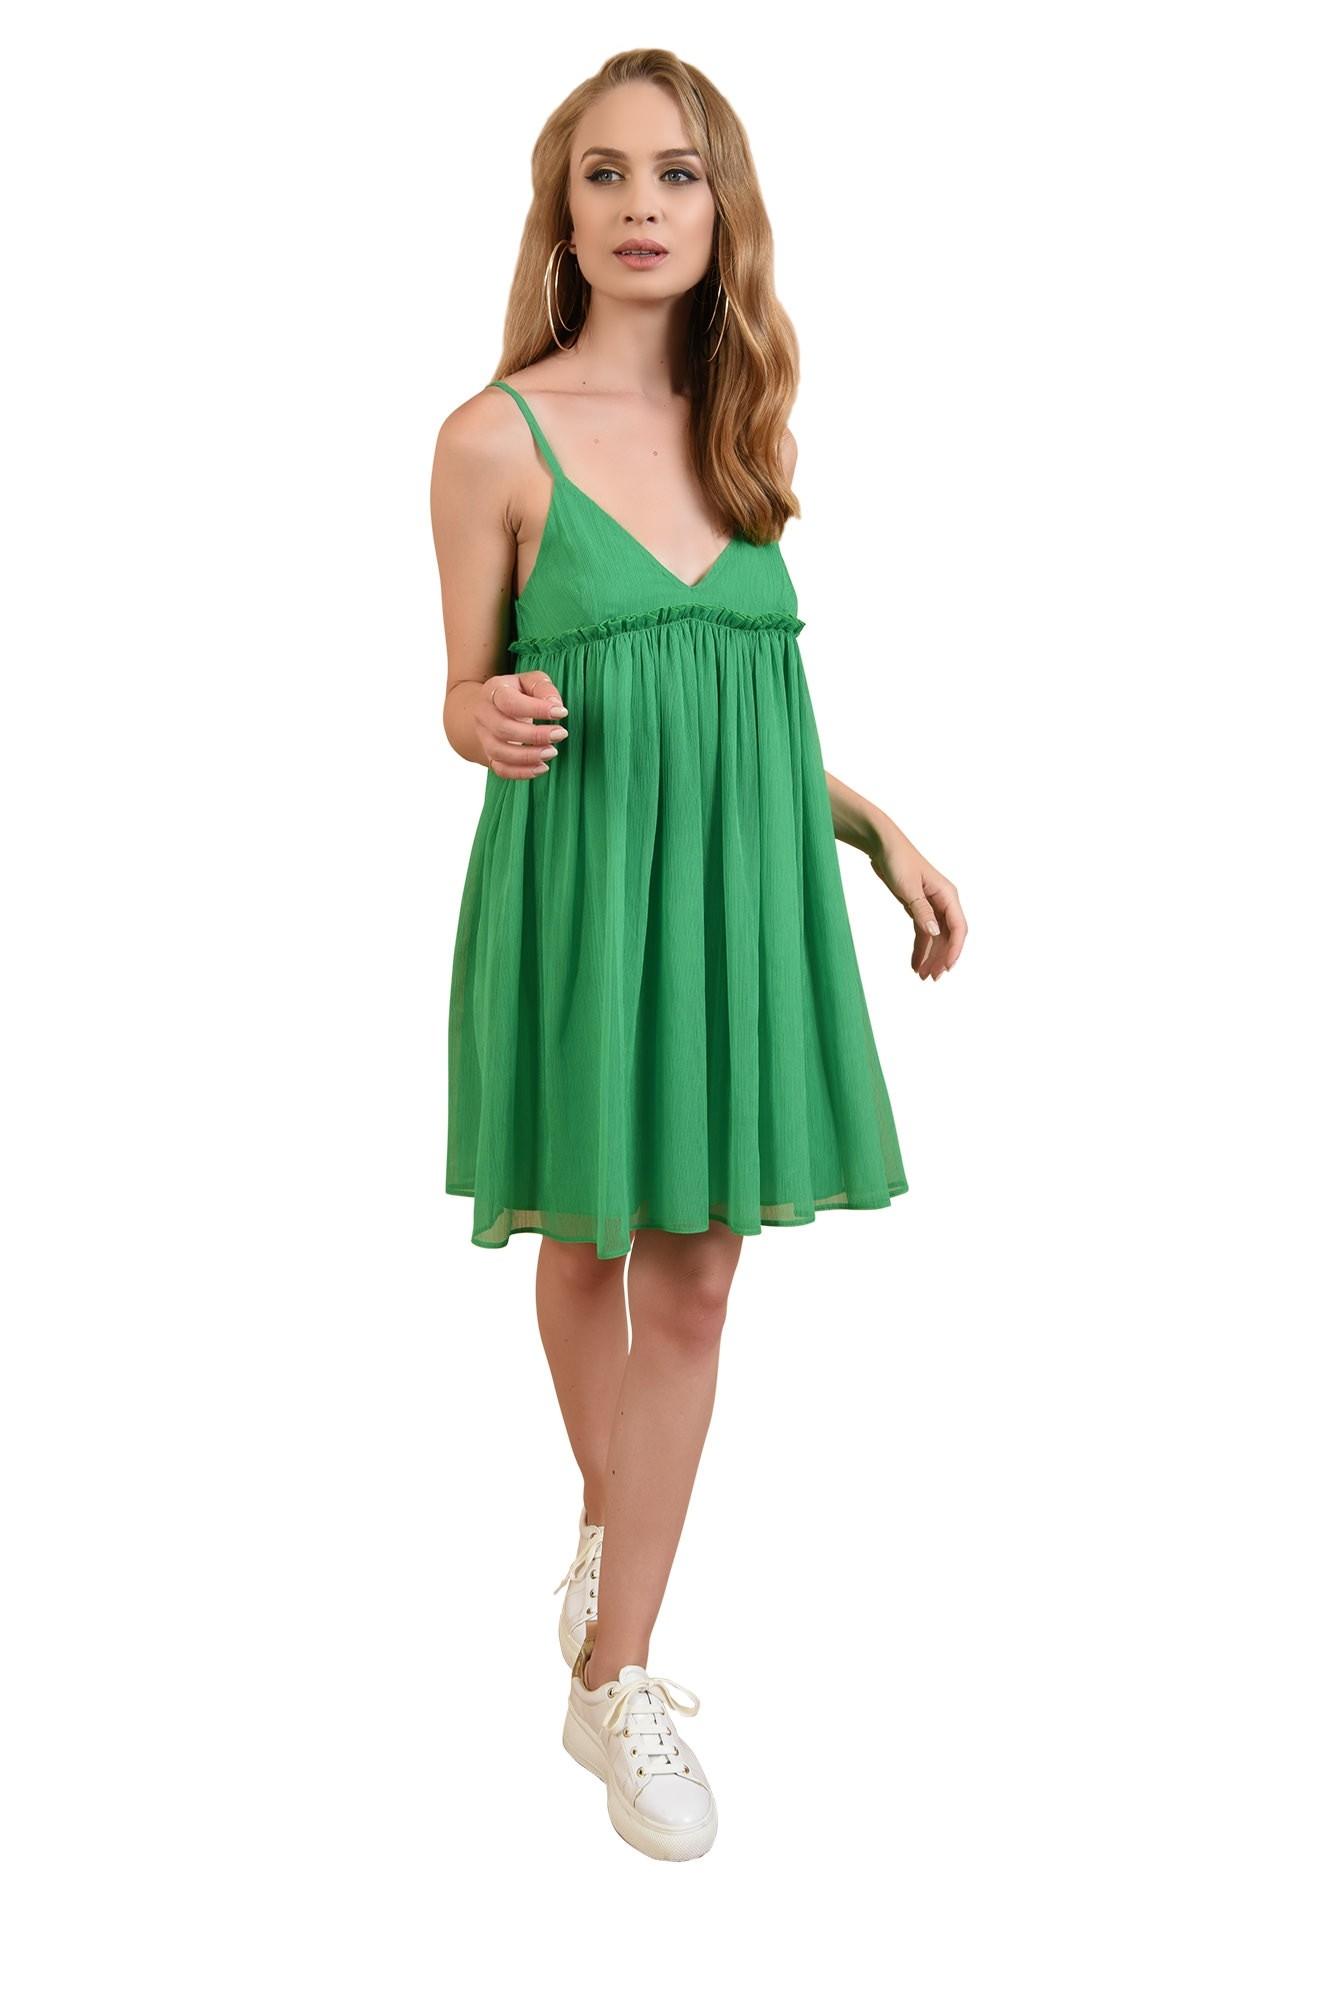 360 - rochie babydoll, verde, cu volan, Poema